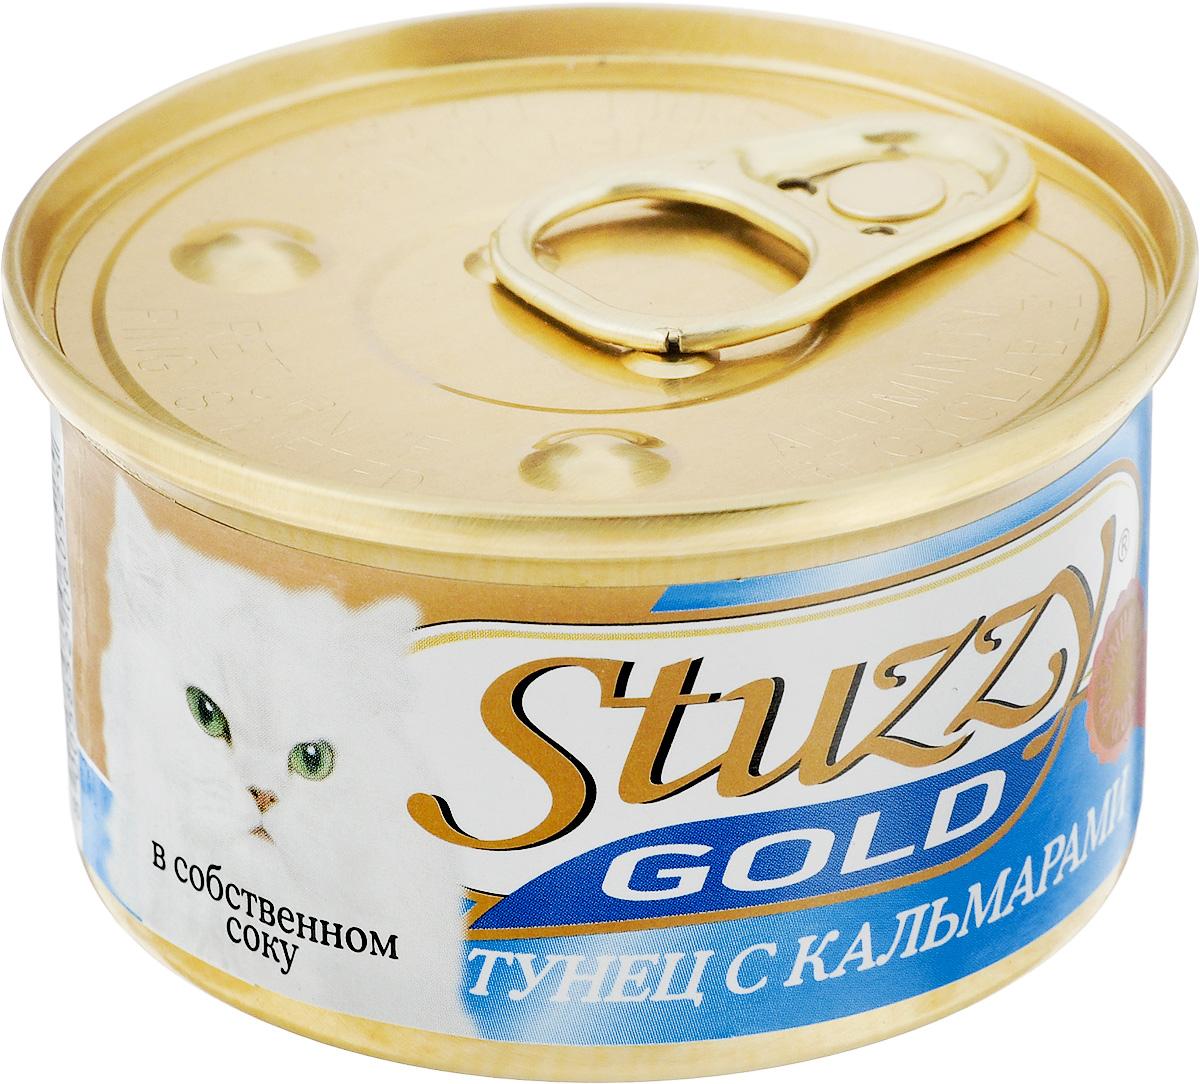 Консервы для взрослых кошек Stuzzy Gold, тунец с кальмарами в собственном соку, 85 г132.C400Консервы для кошек Stuzzy Gold - это дополнительный рацион для взрослых кошек. Корм обогащен таурином и витамином Е для поддержания правильной работы сердца и иммунной системы. Инулин обеспечивает всасывание питательных веществ, а биотин способствуют великолепному внешнему виду кожи и шерсти. Корм приготовлен на пару, не содержит красителей и консервантов.Состав: субпродукты морепродуктов: тунец 59,4%, кальмары 4,7%, креветки 2,4%, рис 1,5%. Питательная ценность: белок 14%, жир 2%, клетчатка 0,2%, зола 2,5%, влажность 79,2%.Питательные добавки (на кг): витамин А 1325 МЕ, витамин D3 110 МЕ, витамин Е 15 мг, таурин 160 мг. Товар сертифицирован.